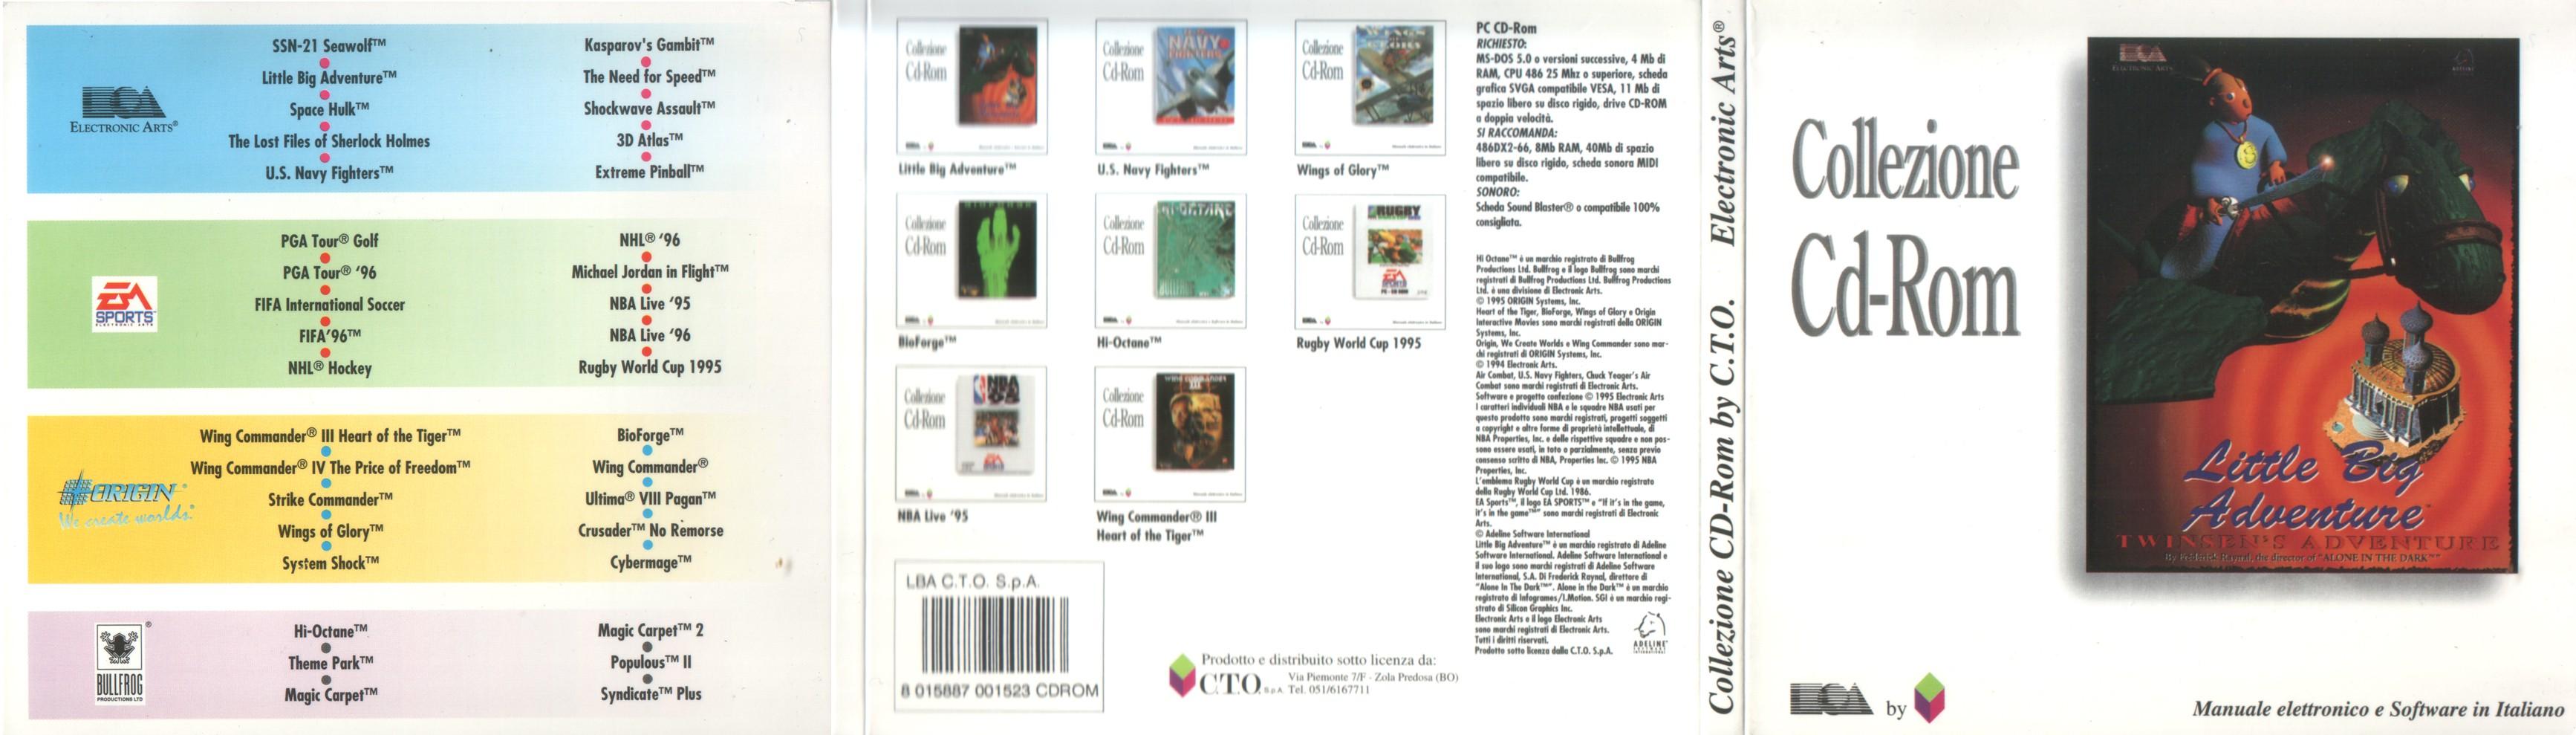 Italian Release cover